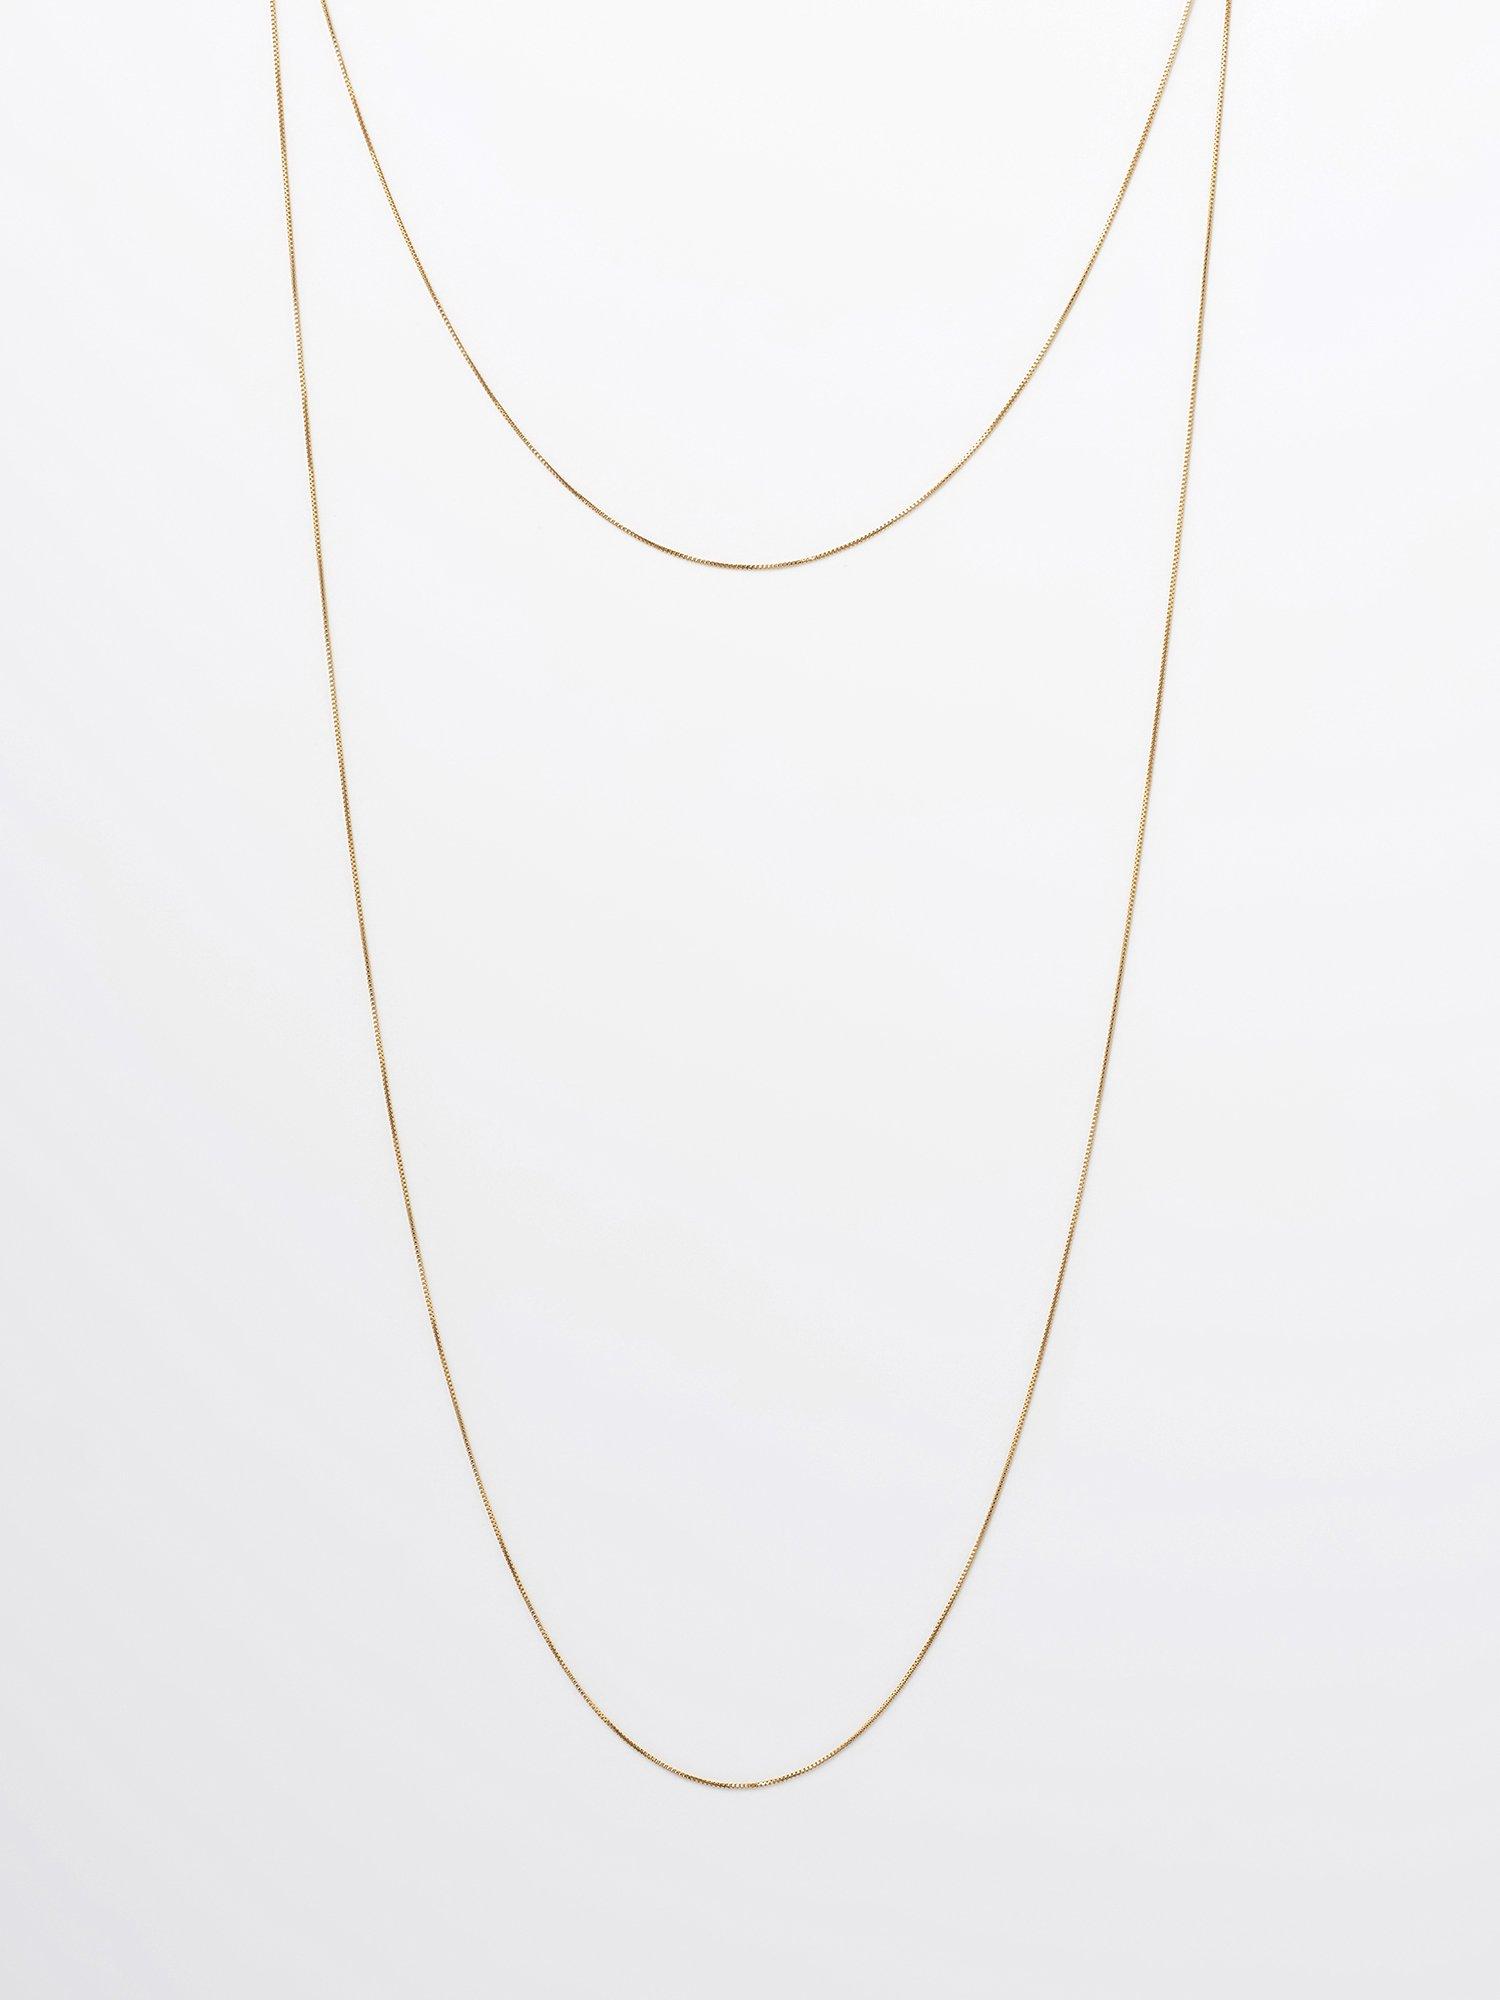 SOPHISTICATED VINTAGE / Gold line necklace / 1200mm / 在庫商品